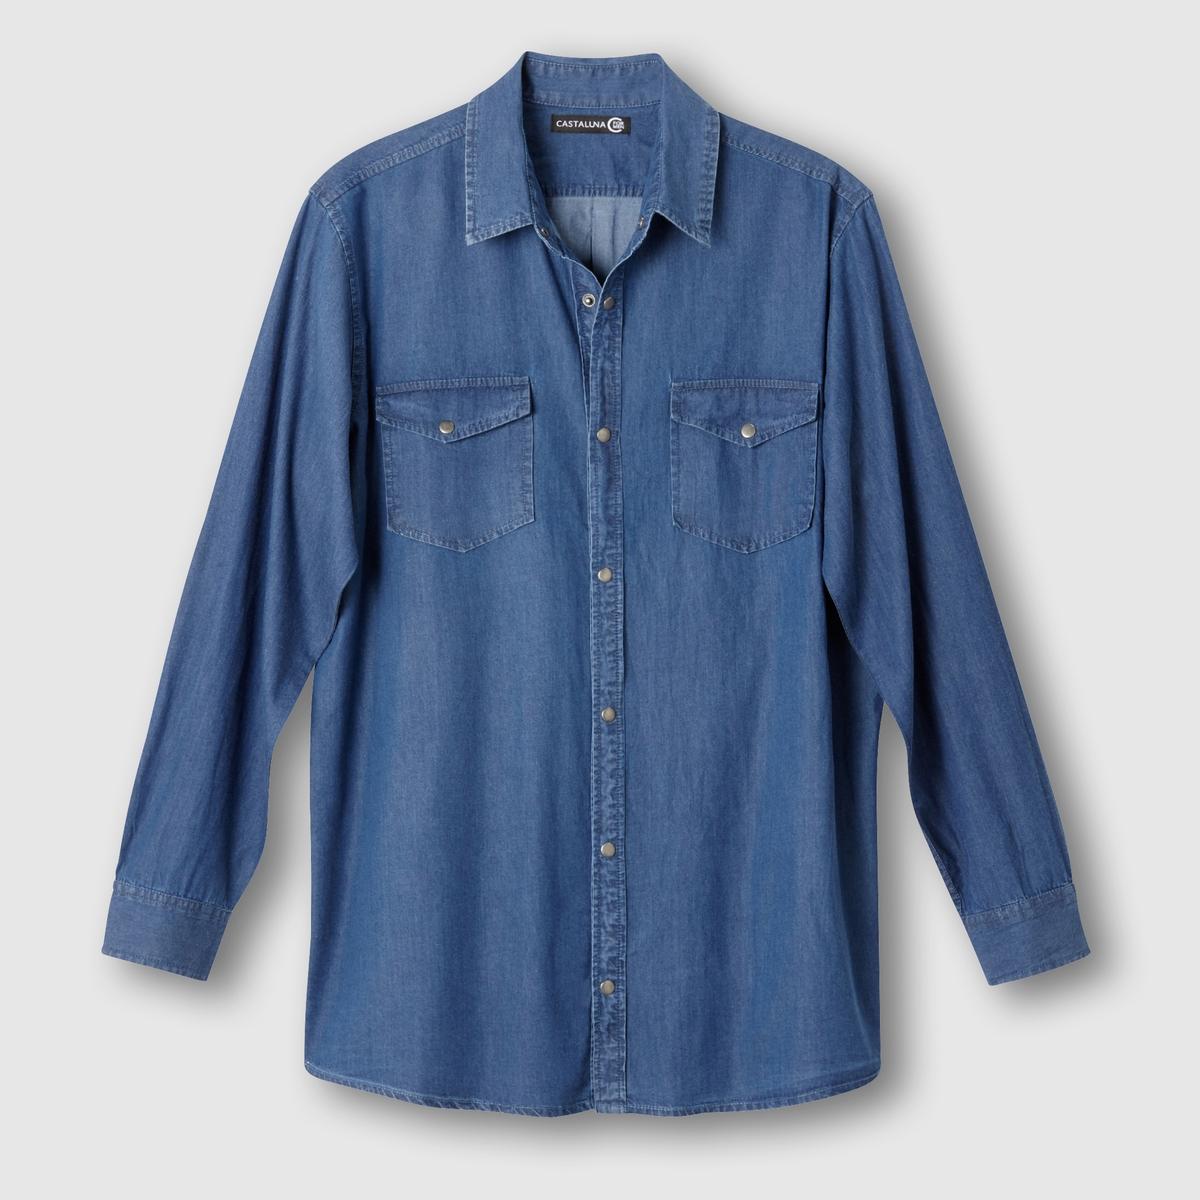 Рубашка из денимаРубашка из денима. Длинные рукава. 2 накладных нагрудных кармана с клапанами на пуговице. Застёжка на металлические кнопки. Складка для большего комфорта сзади. Закругленные полочки. Деним, 100% хлопка. Длина 85 см .<br><br>Цвет: серый,синий индиго потертый